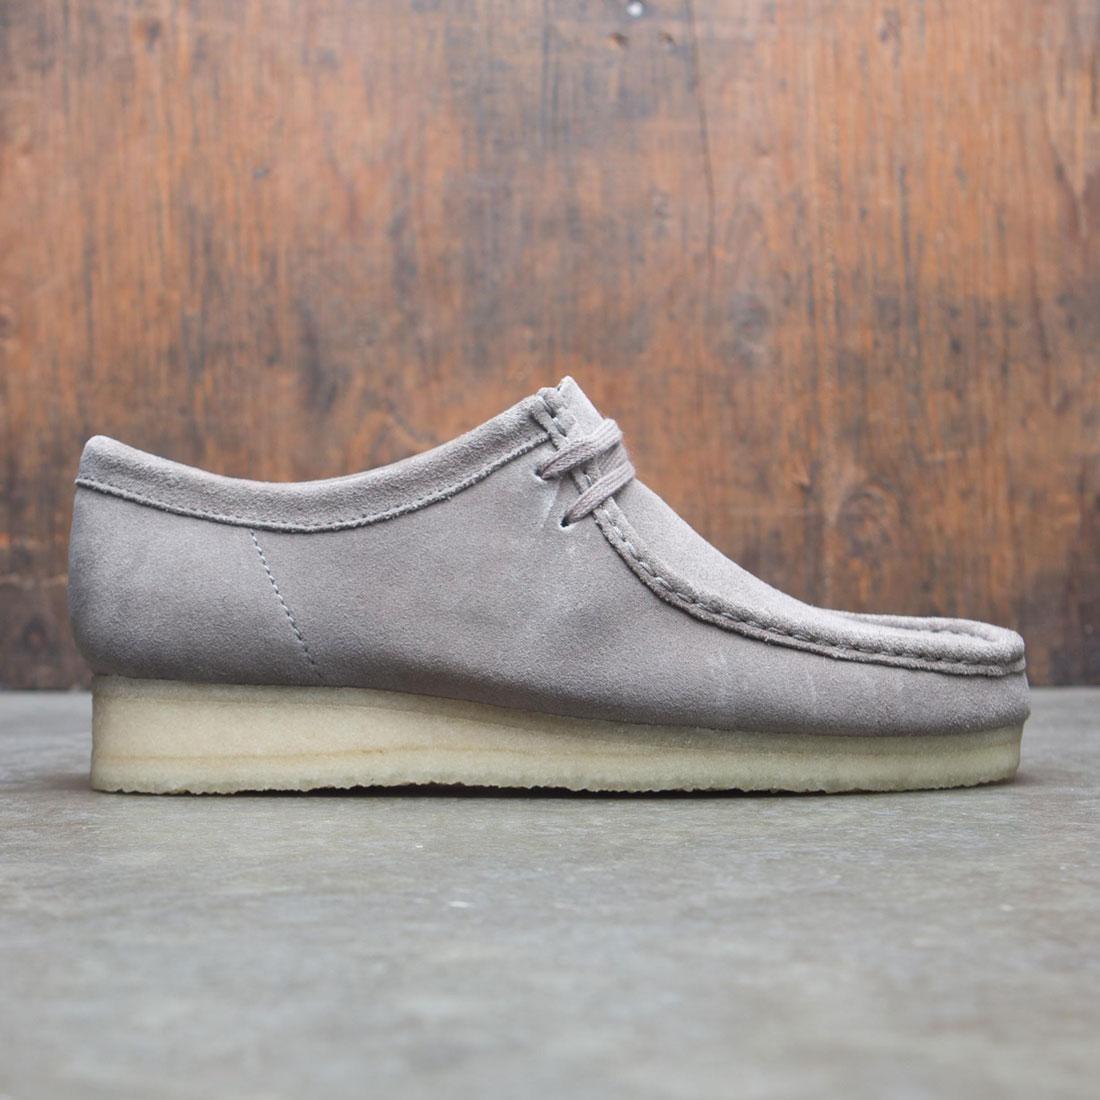 【海外限定】クラークス メンズ靴 靴 【 CLARKS MEN WALLABEE GRAY SUEDE 】